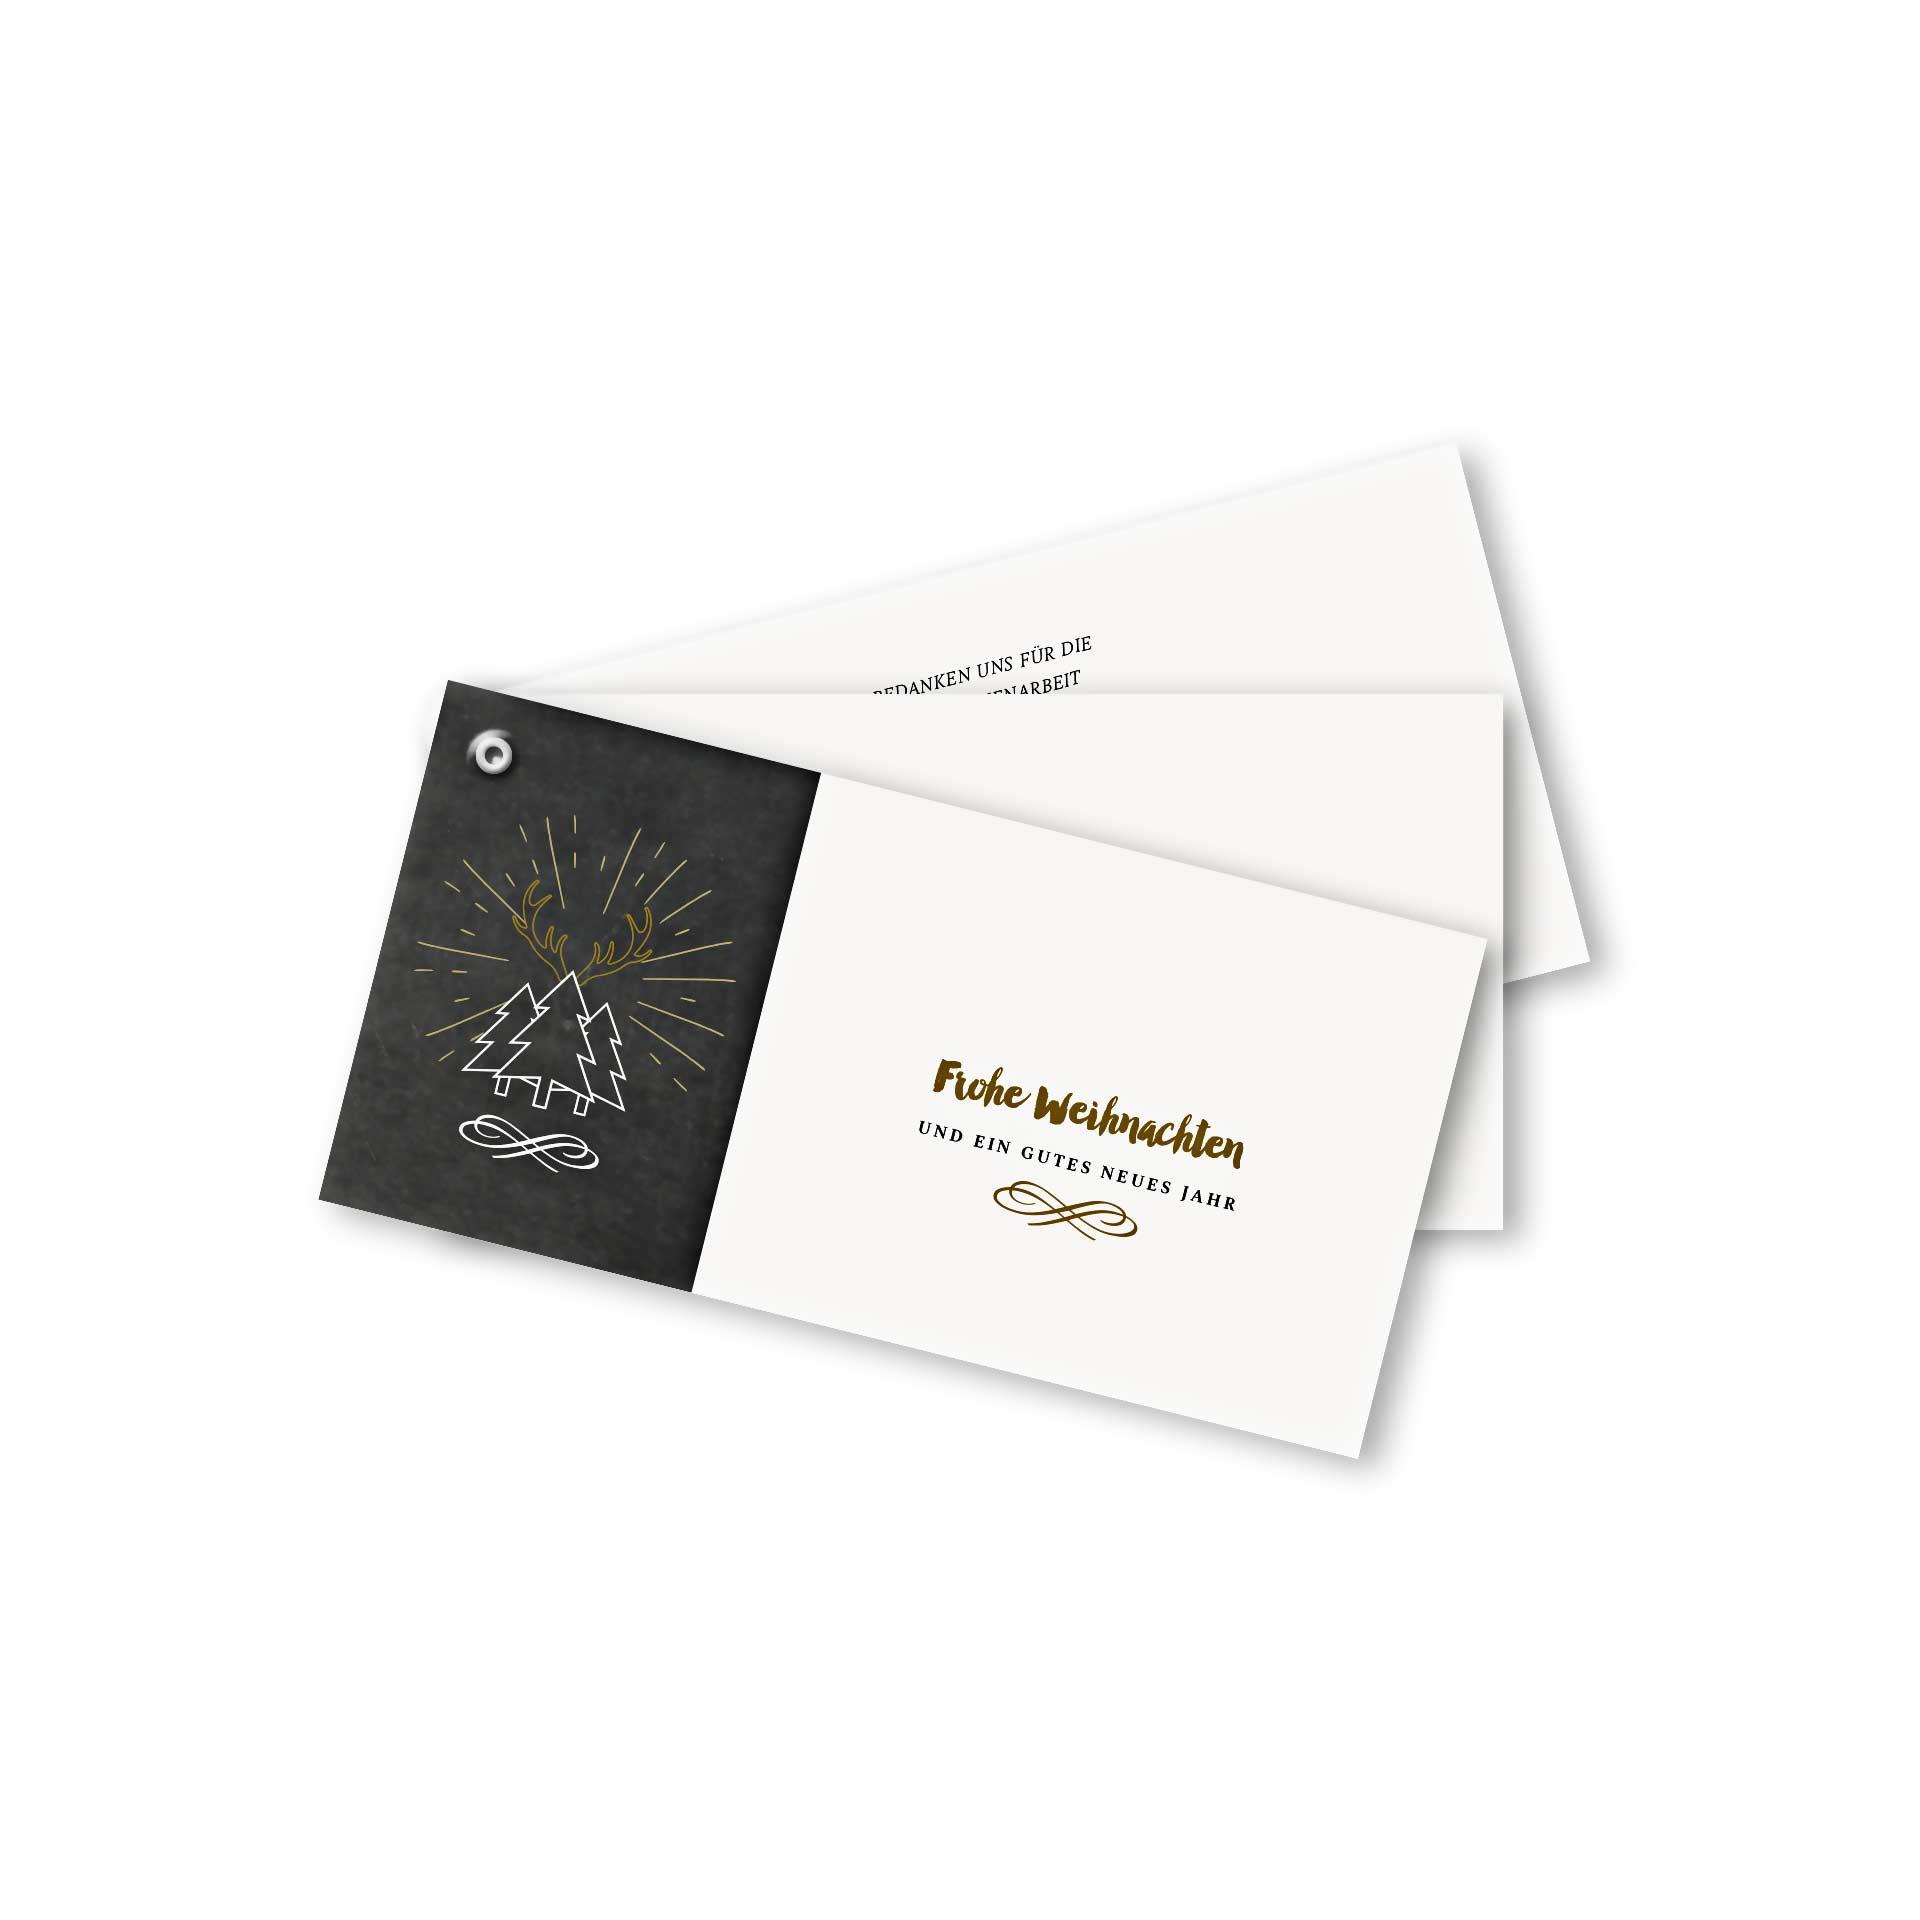 Weihnachtskarten Per Mail.Weihnachtskarte Fächerkarte Din Lang Querformat Im Kartendesign Weihnachtskarte In Schiefertafeloptik